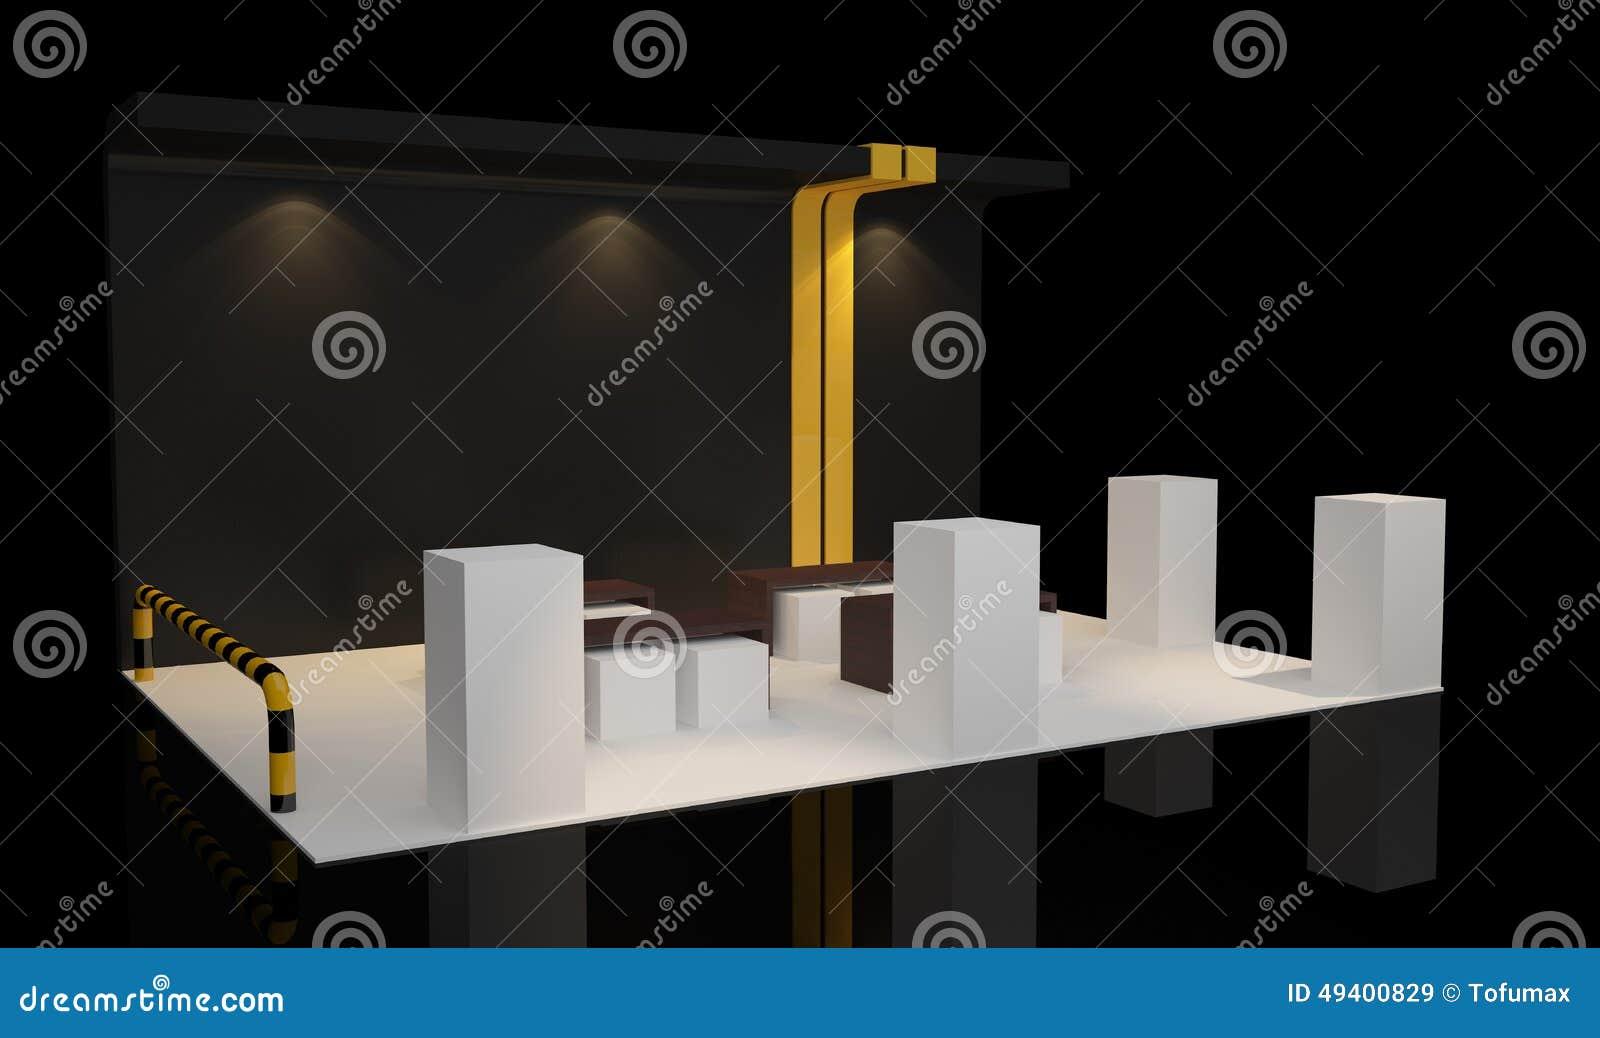 Download Standausstellung stock abbildung. Illustration von darstellung - 49400829